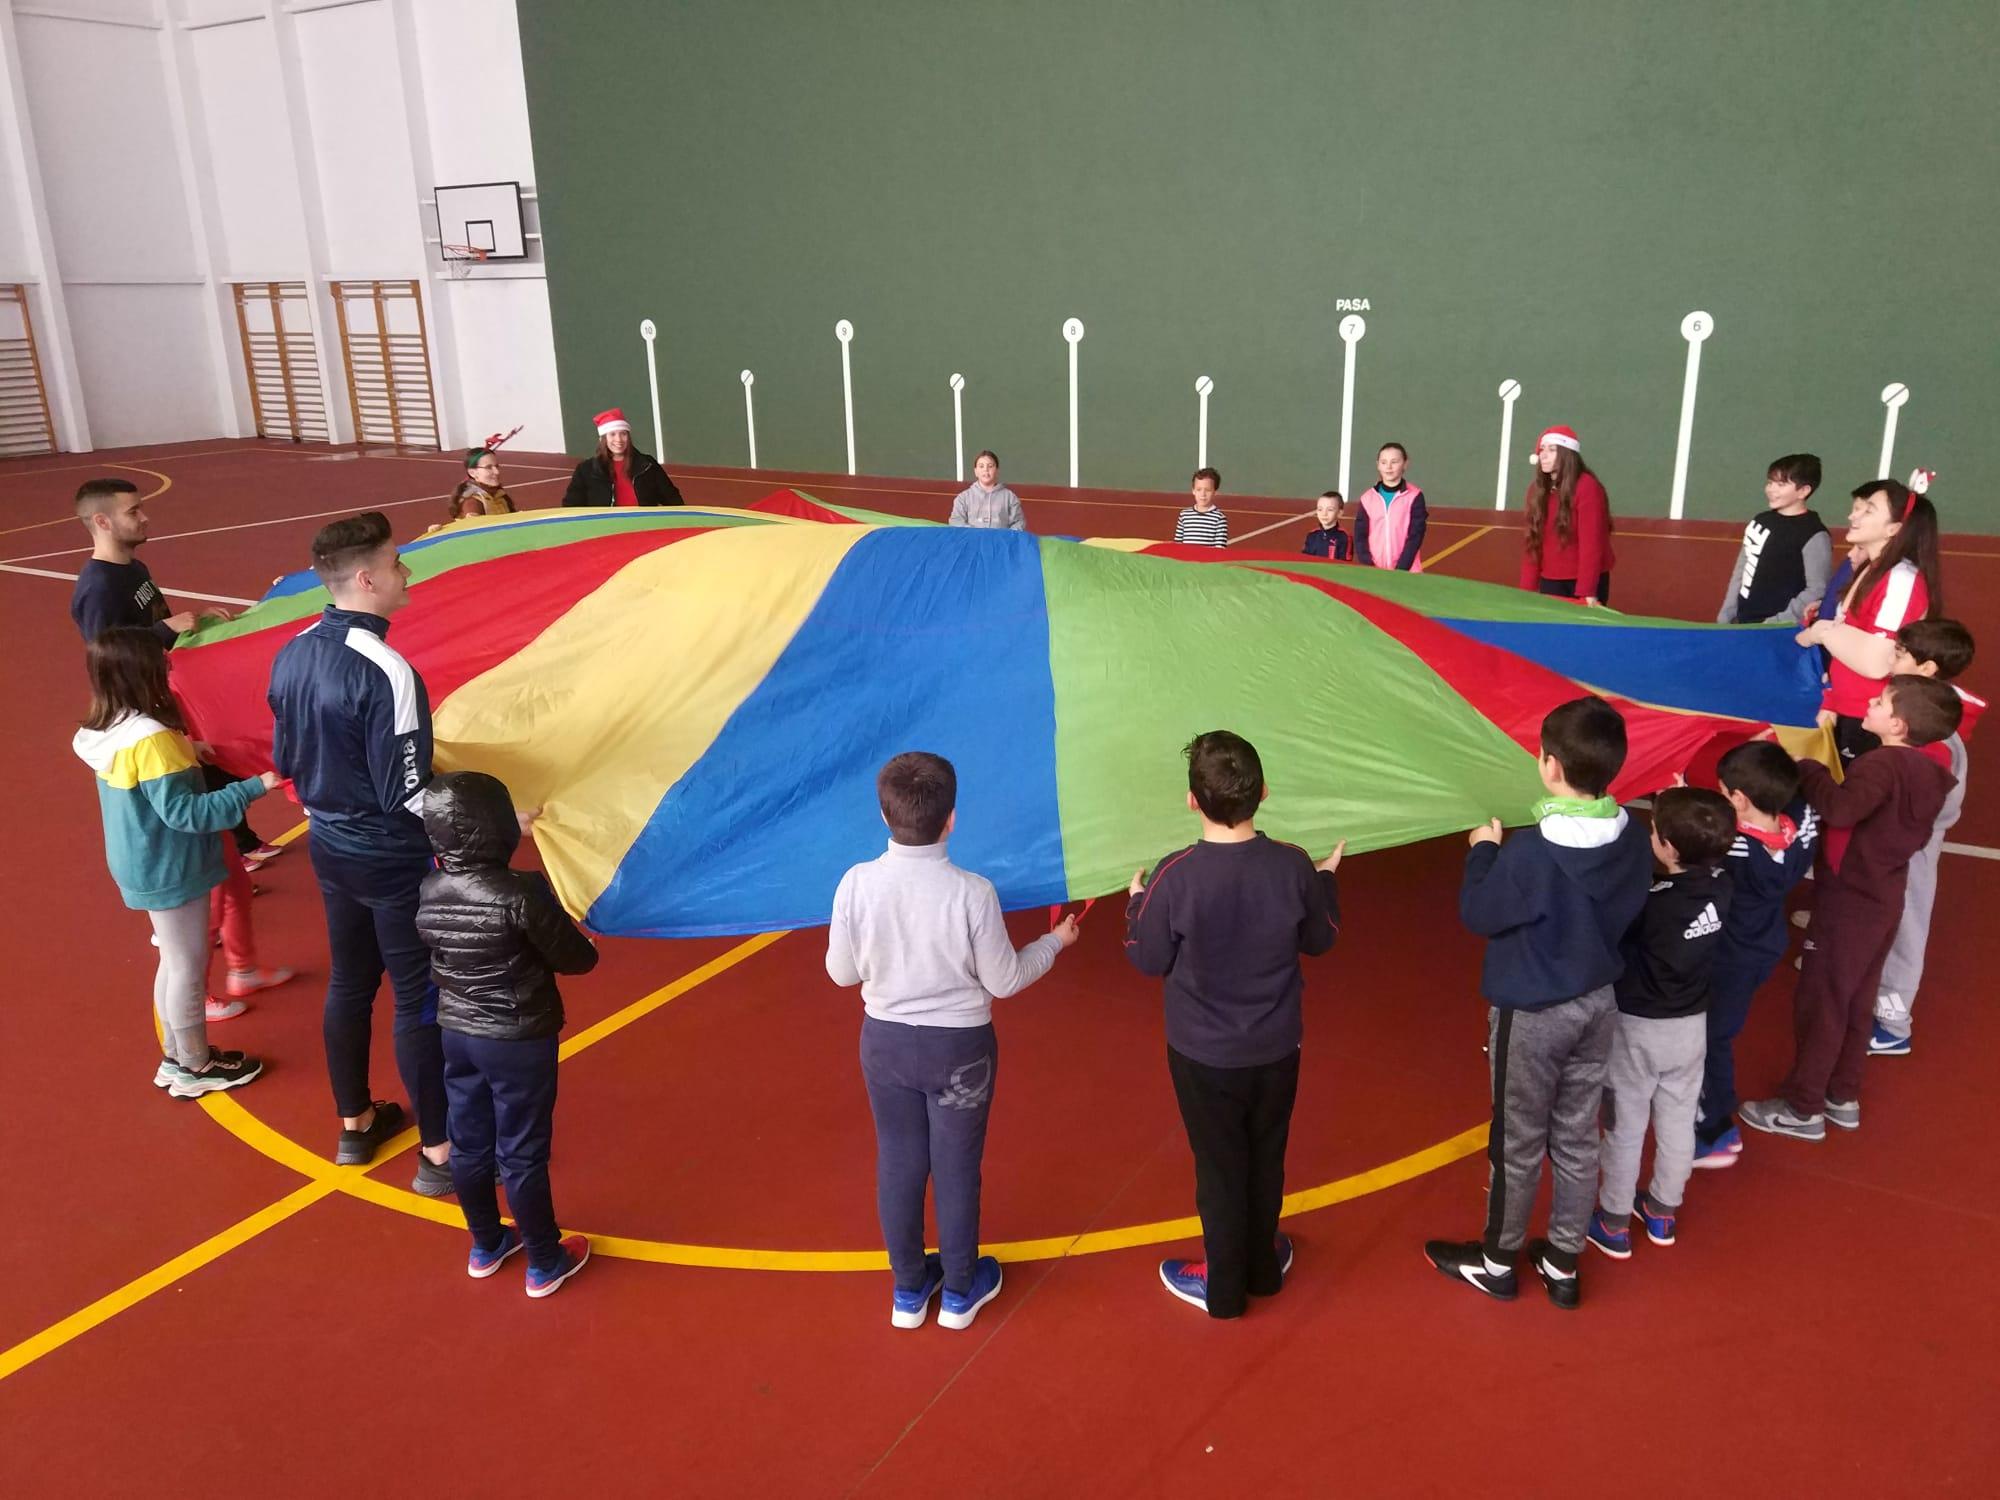 Proyectos solidarios en centros educativos 1